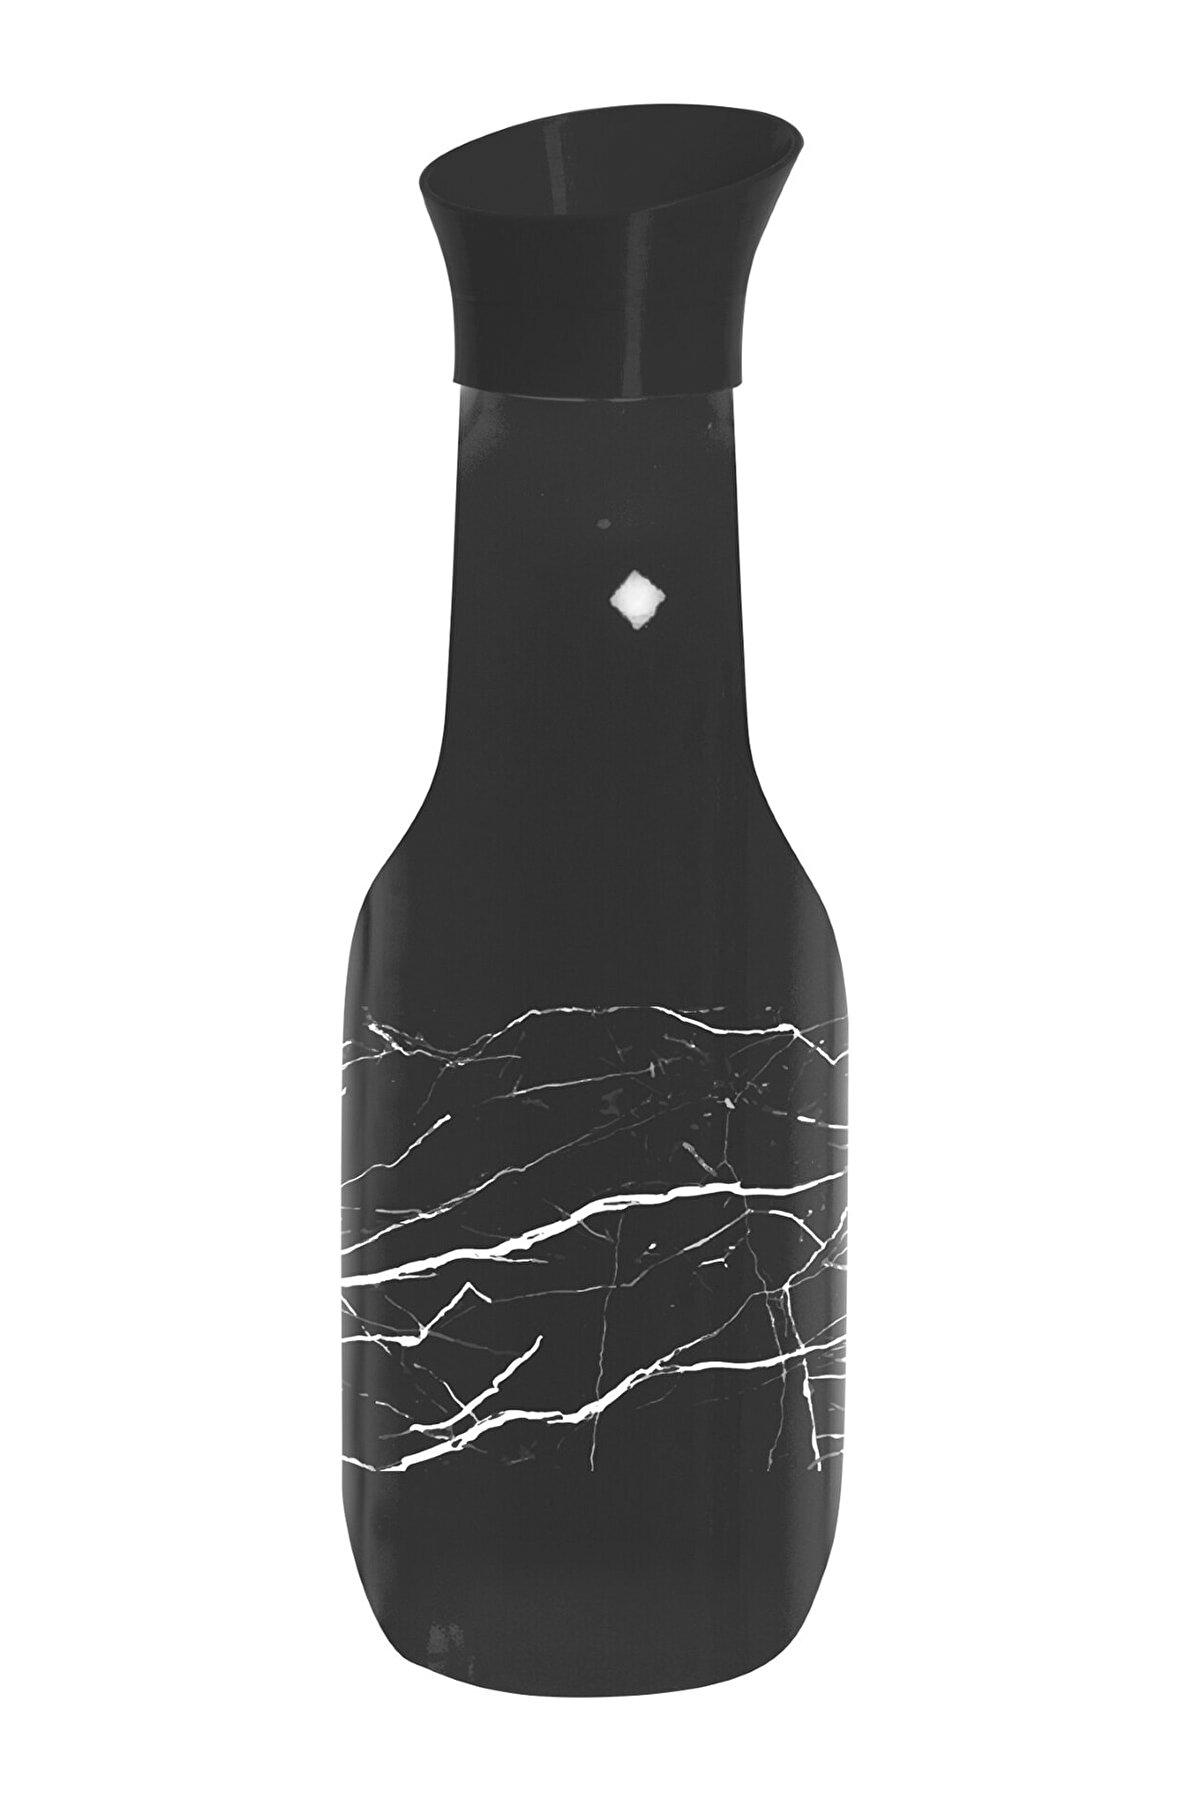 krommet Herevin 1 Lt Siyah Renkli Ve Mermer Desen Baskılı Karaf Su Şişesi